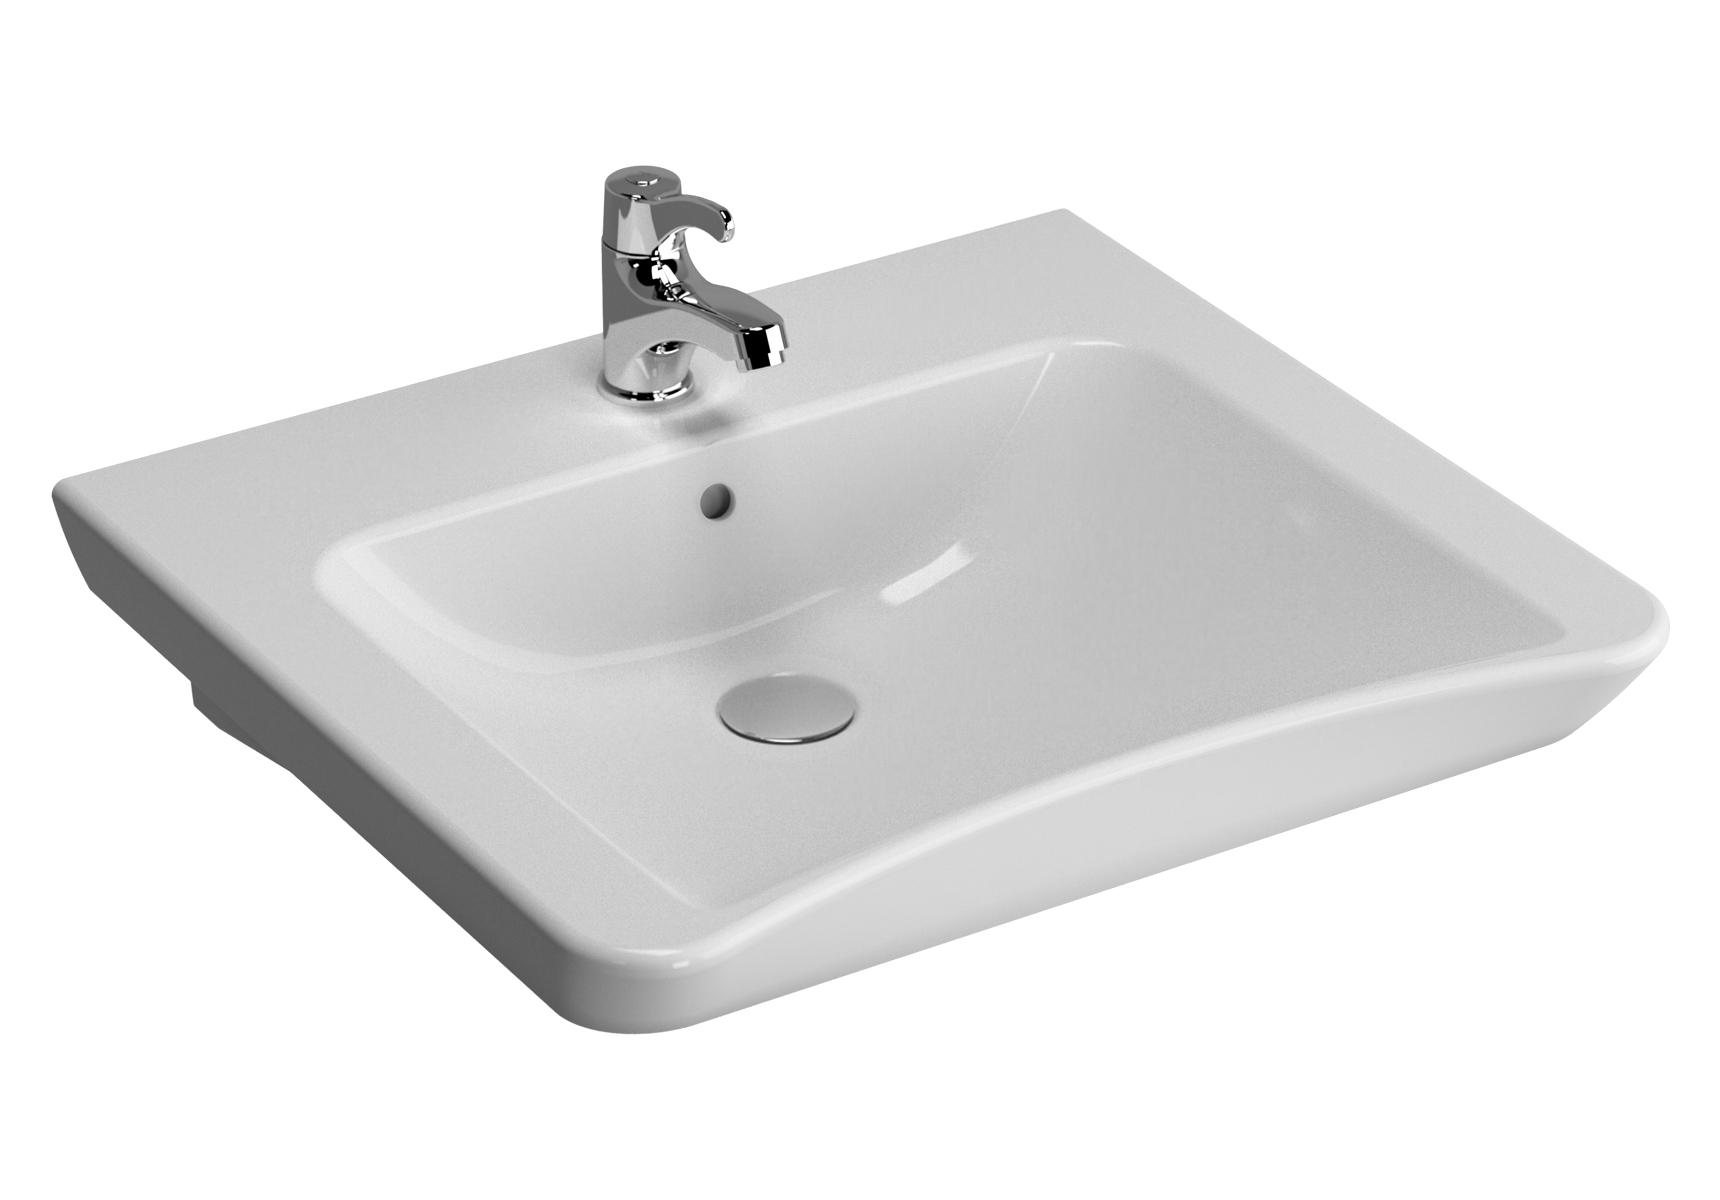 Conforma lavabo PMR, 60 cm, avec équerre de fixation, avec trou de robinet de trop-plein